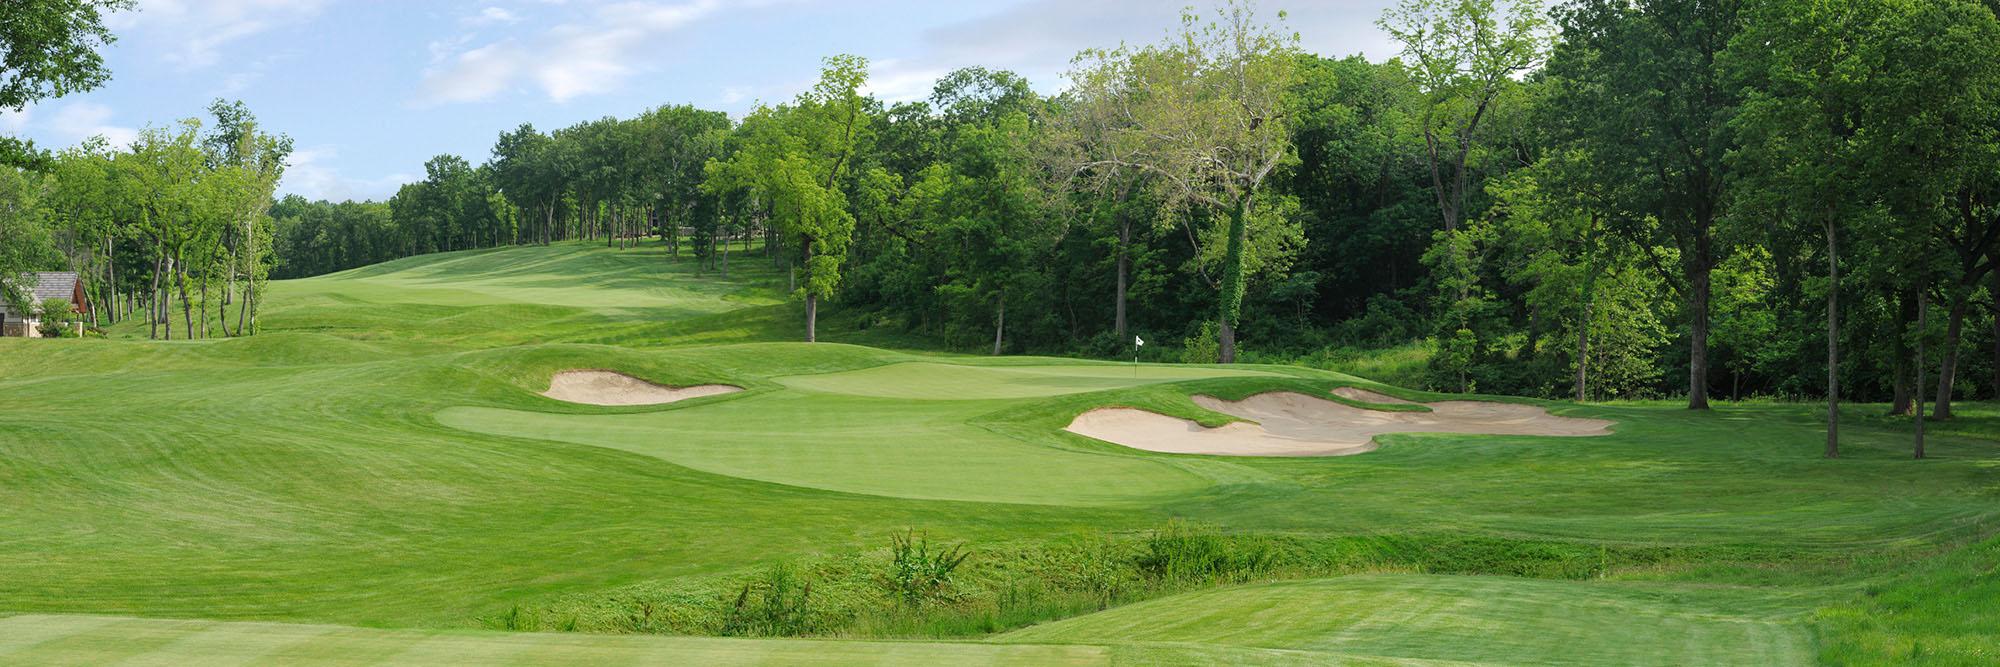 Golf Course Image - Loch Lloyd No. 13